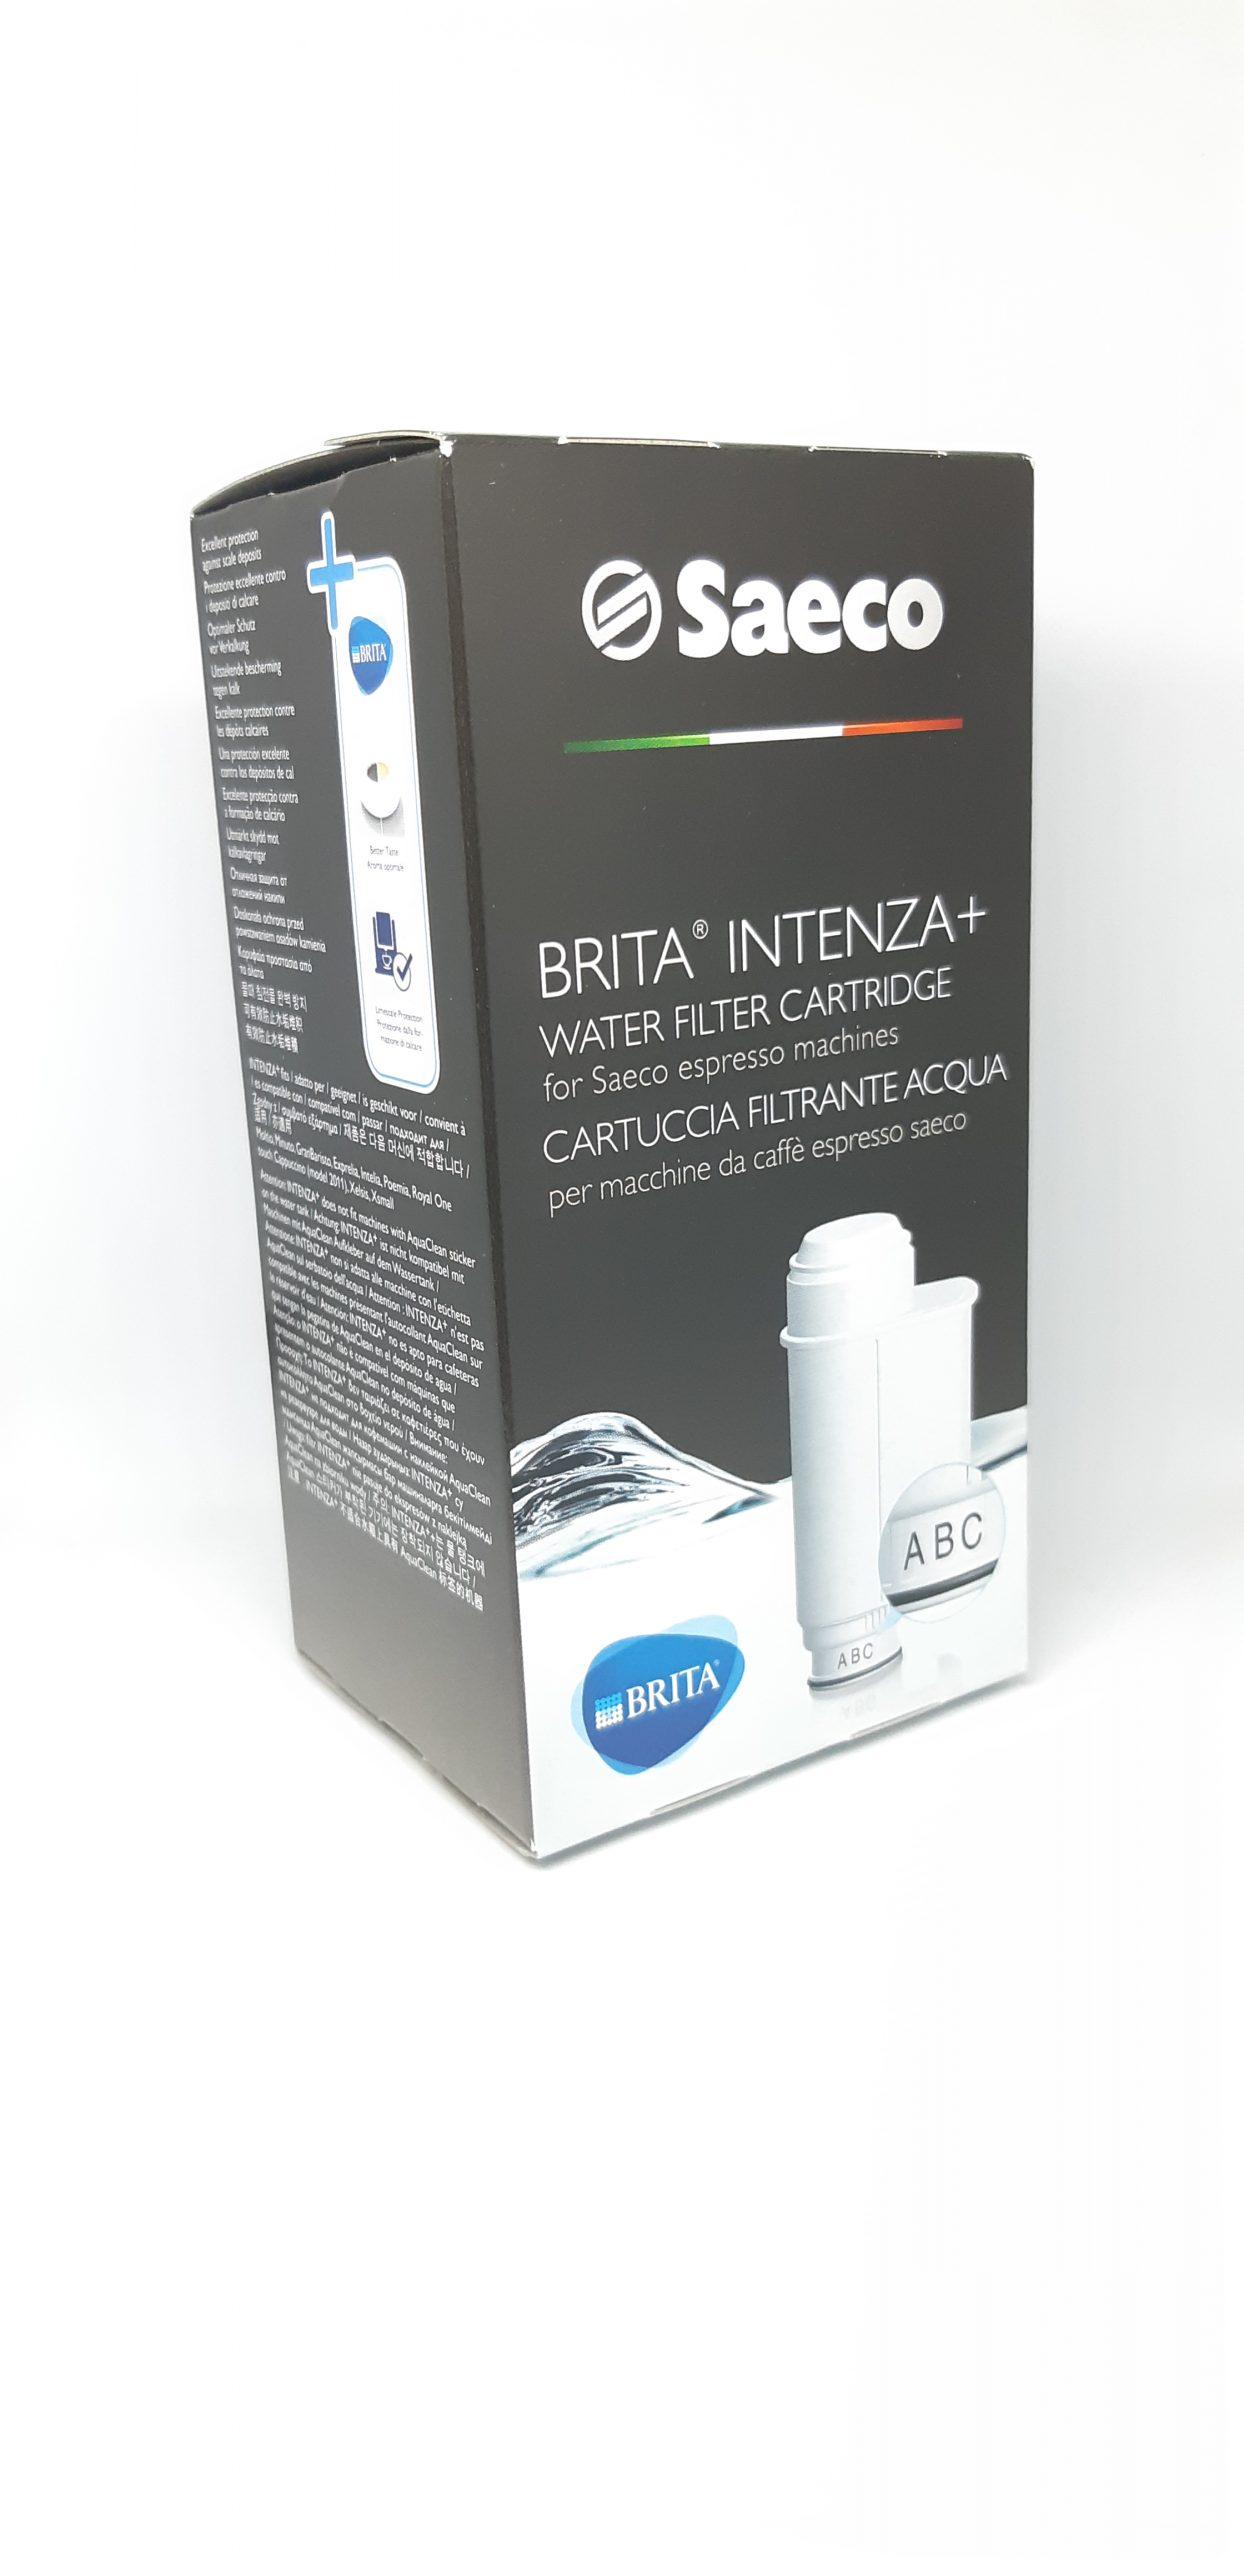 Филтър Saeco Brita Intenza + - 21002050